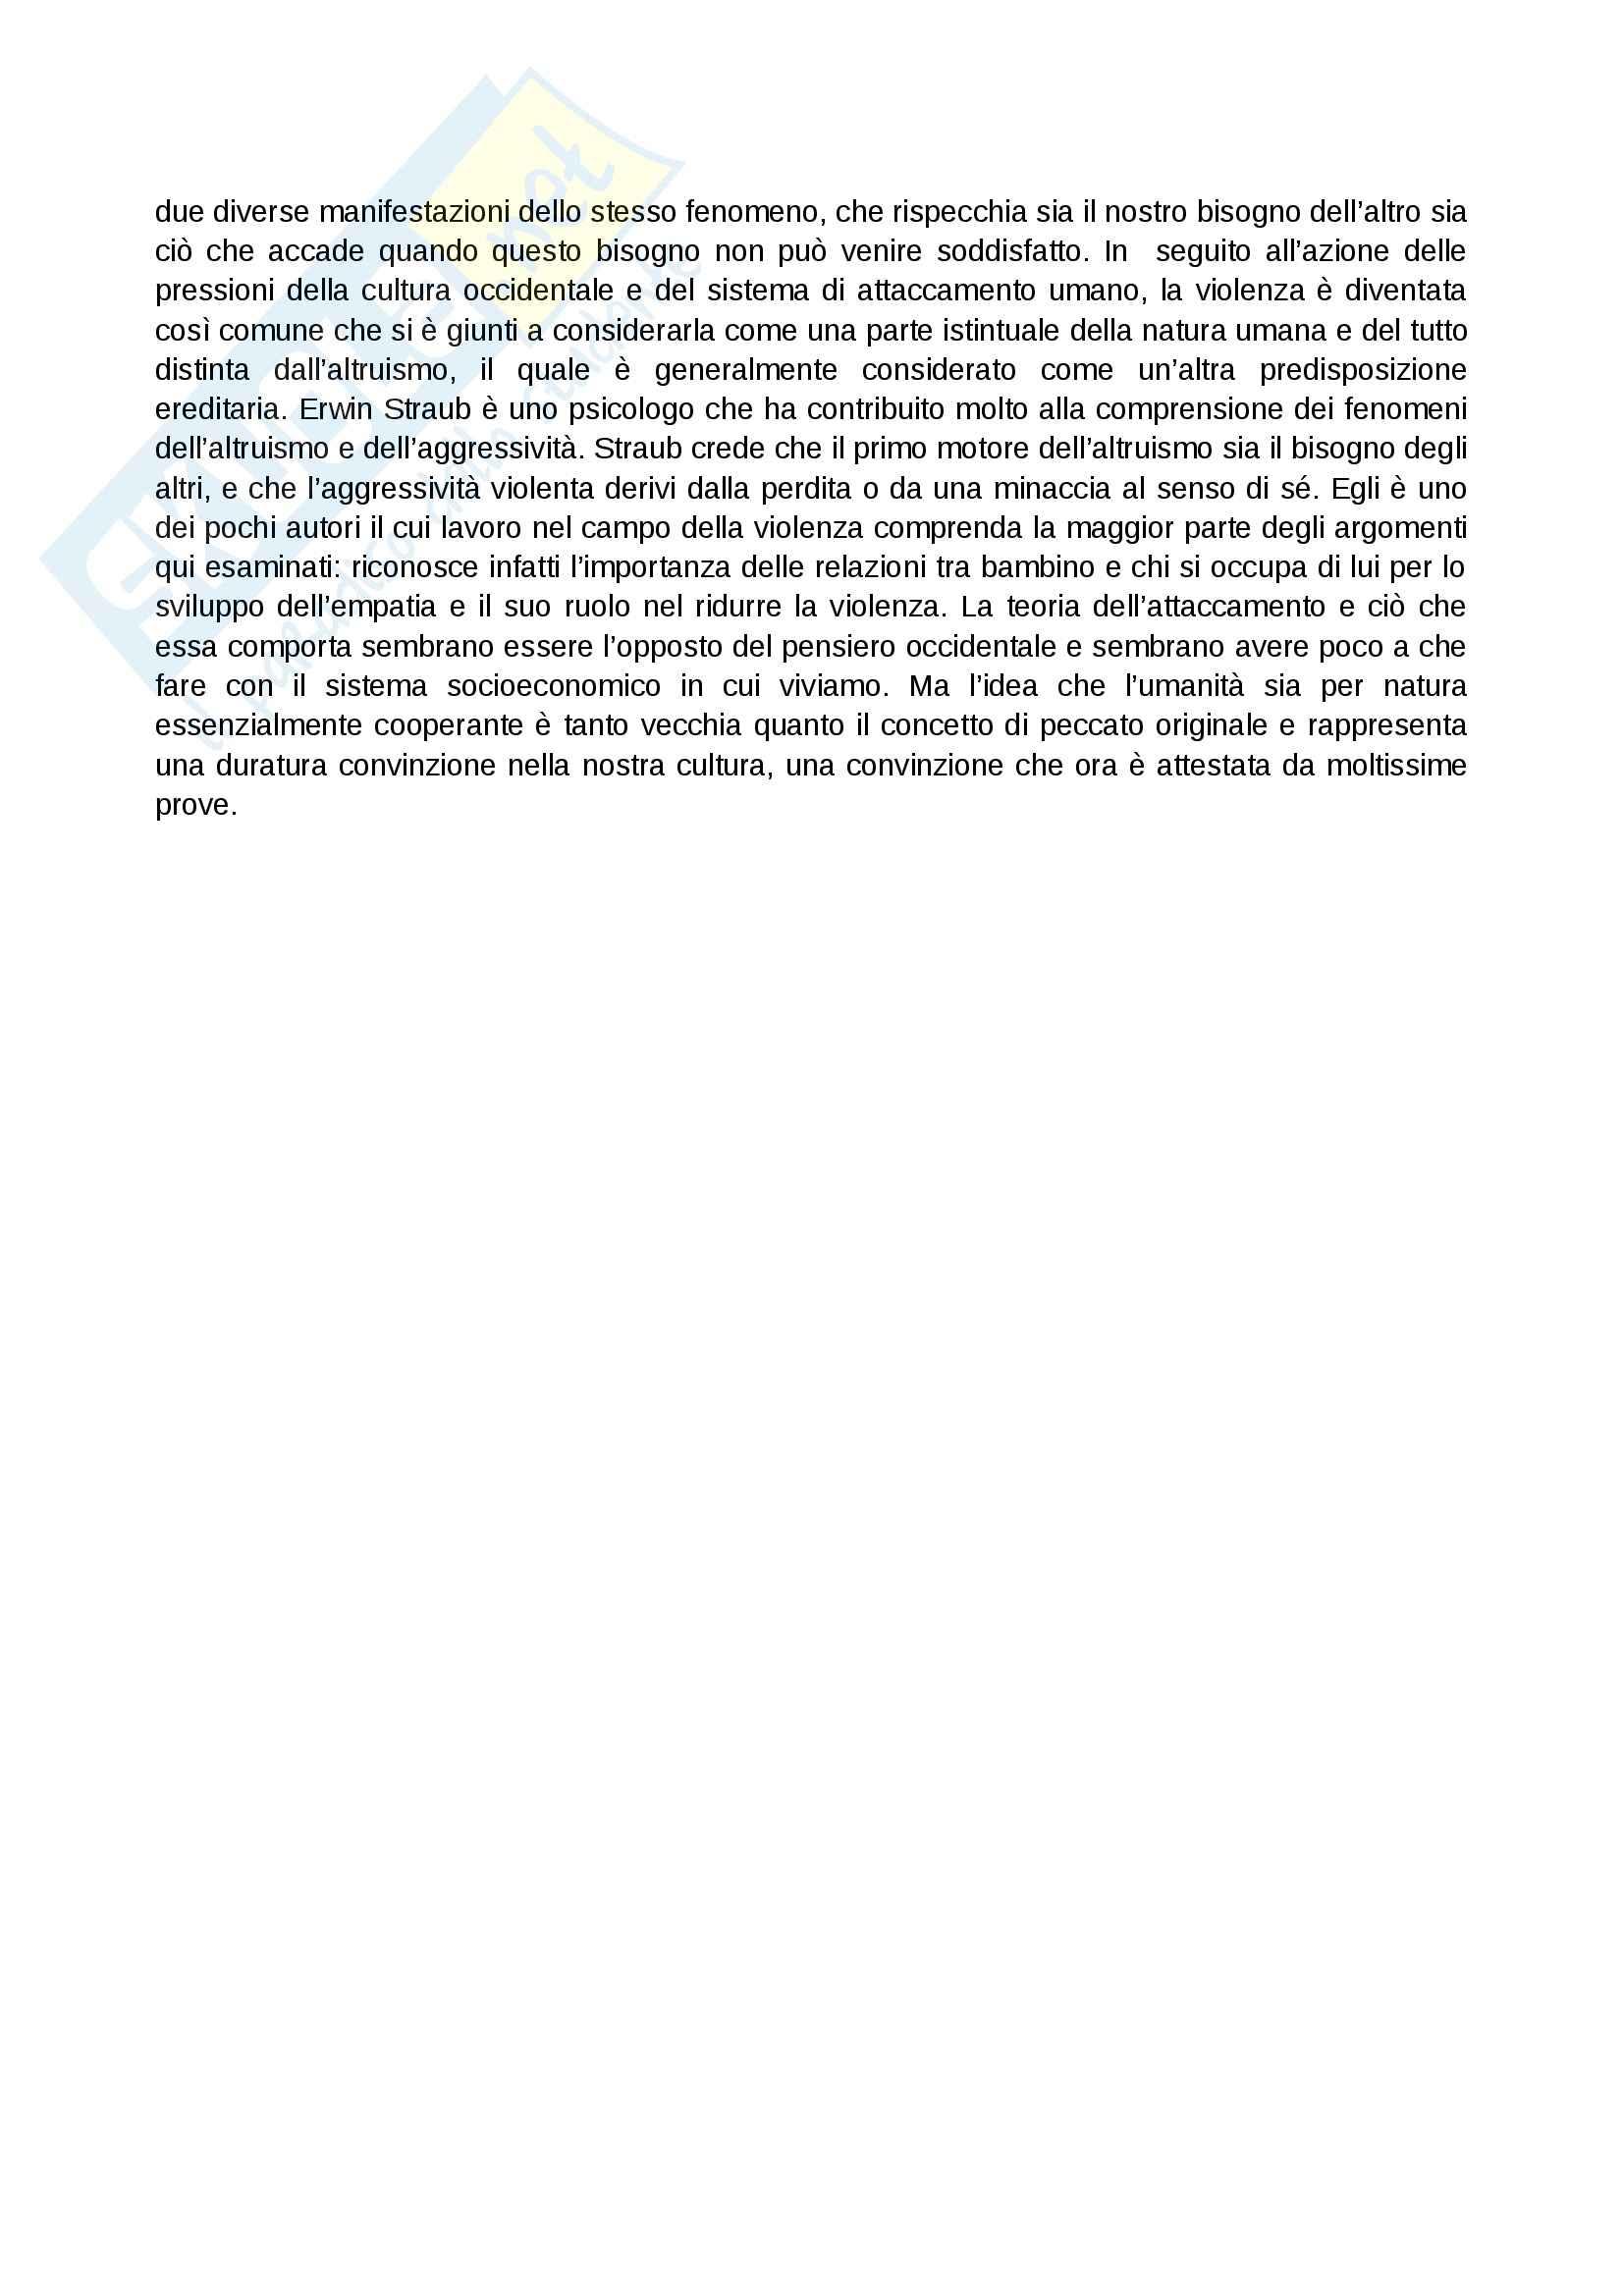 Riassunto esame Modelli psicodinamici, prof. Giannone, libro consigliato Dal dolore alla violenza: Le origini traumatiche dell'aggressività, De Zulueta Pag. 31